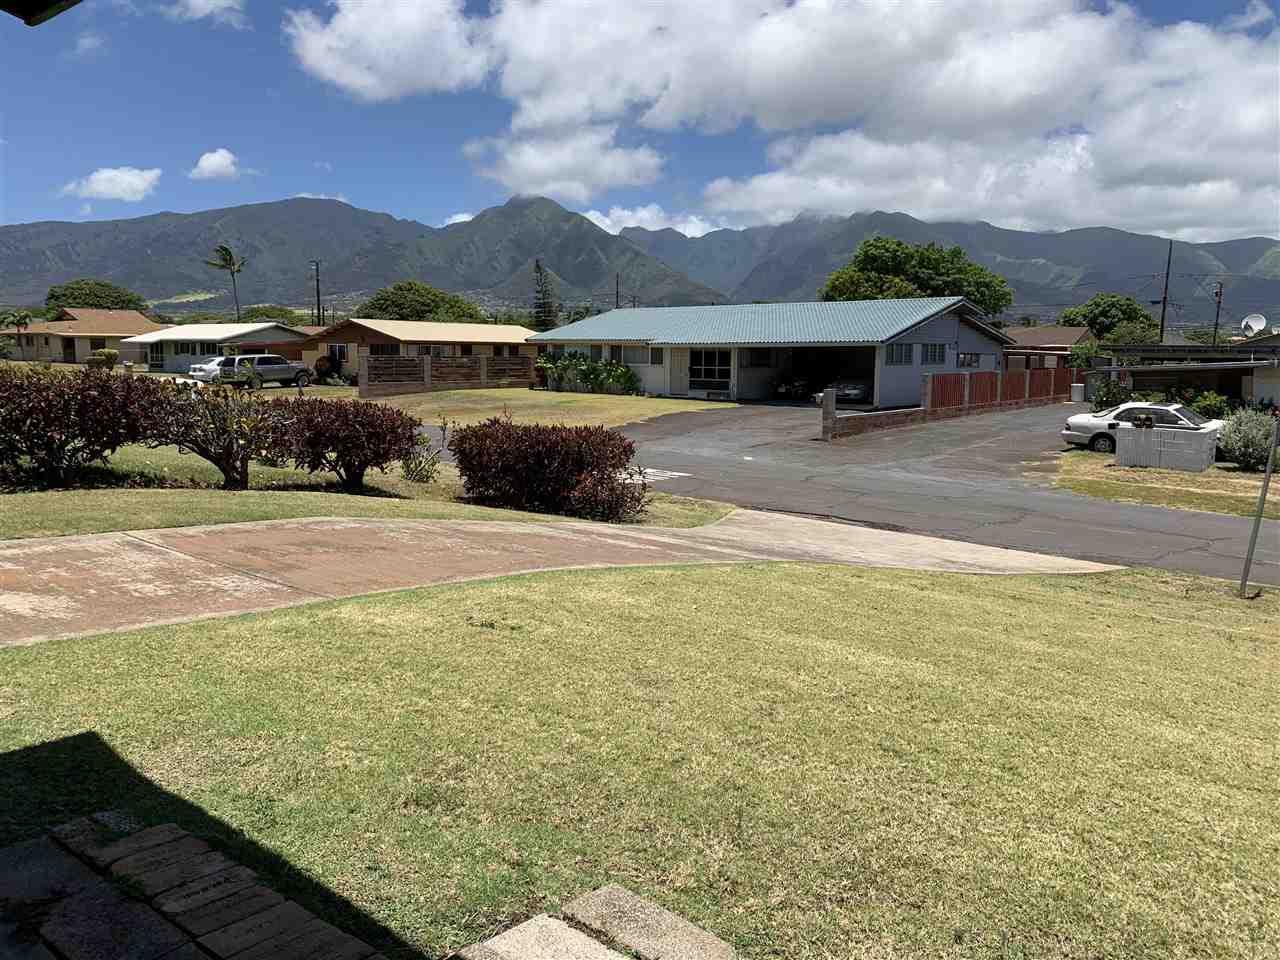 451 S Oahu St Property Photo